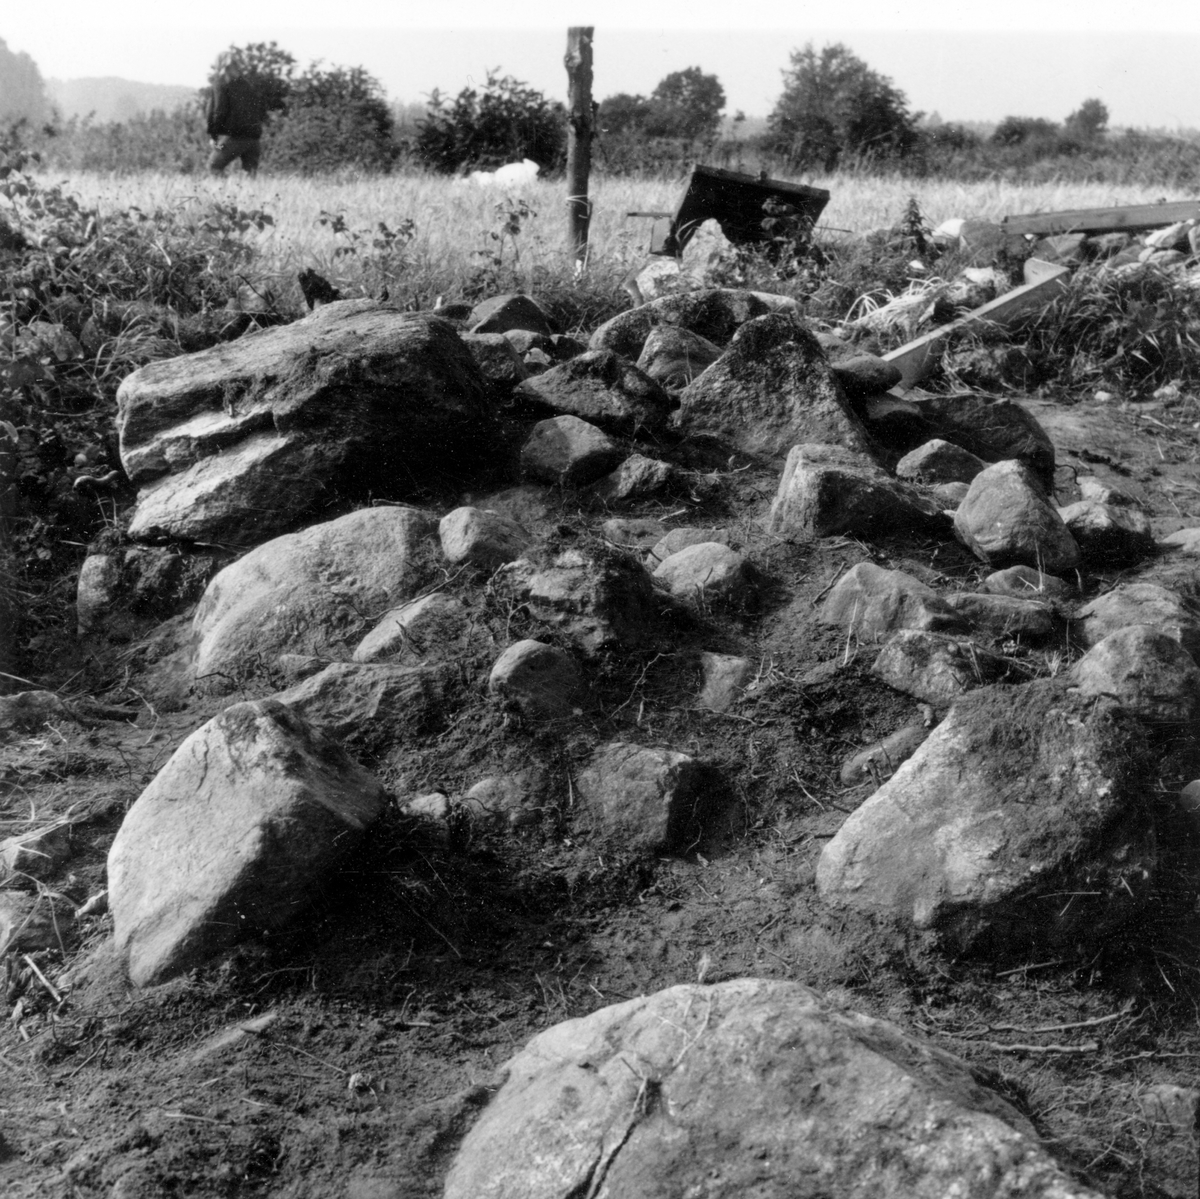 Röse i Ålbo, Hedesunda, Utgrävning i September 1969.